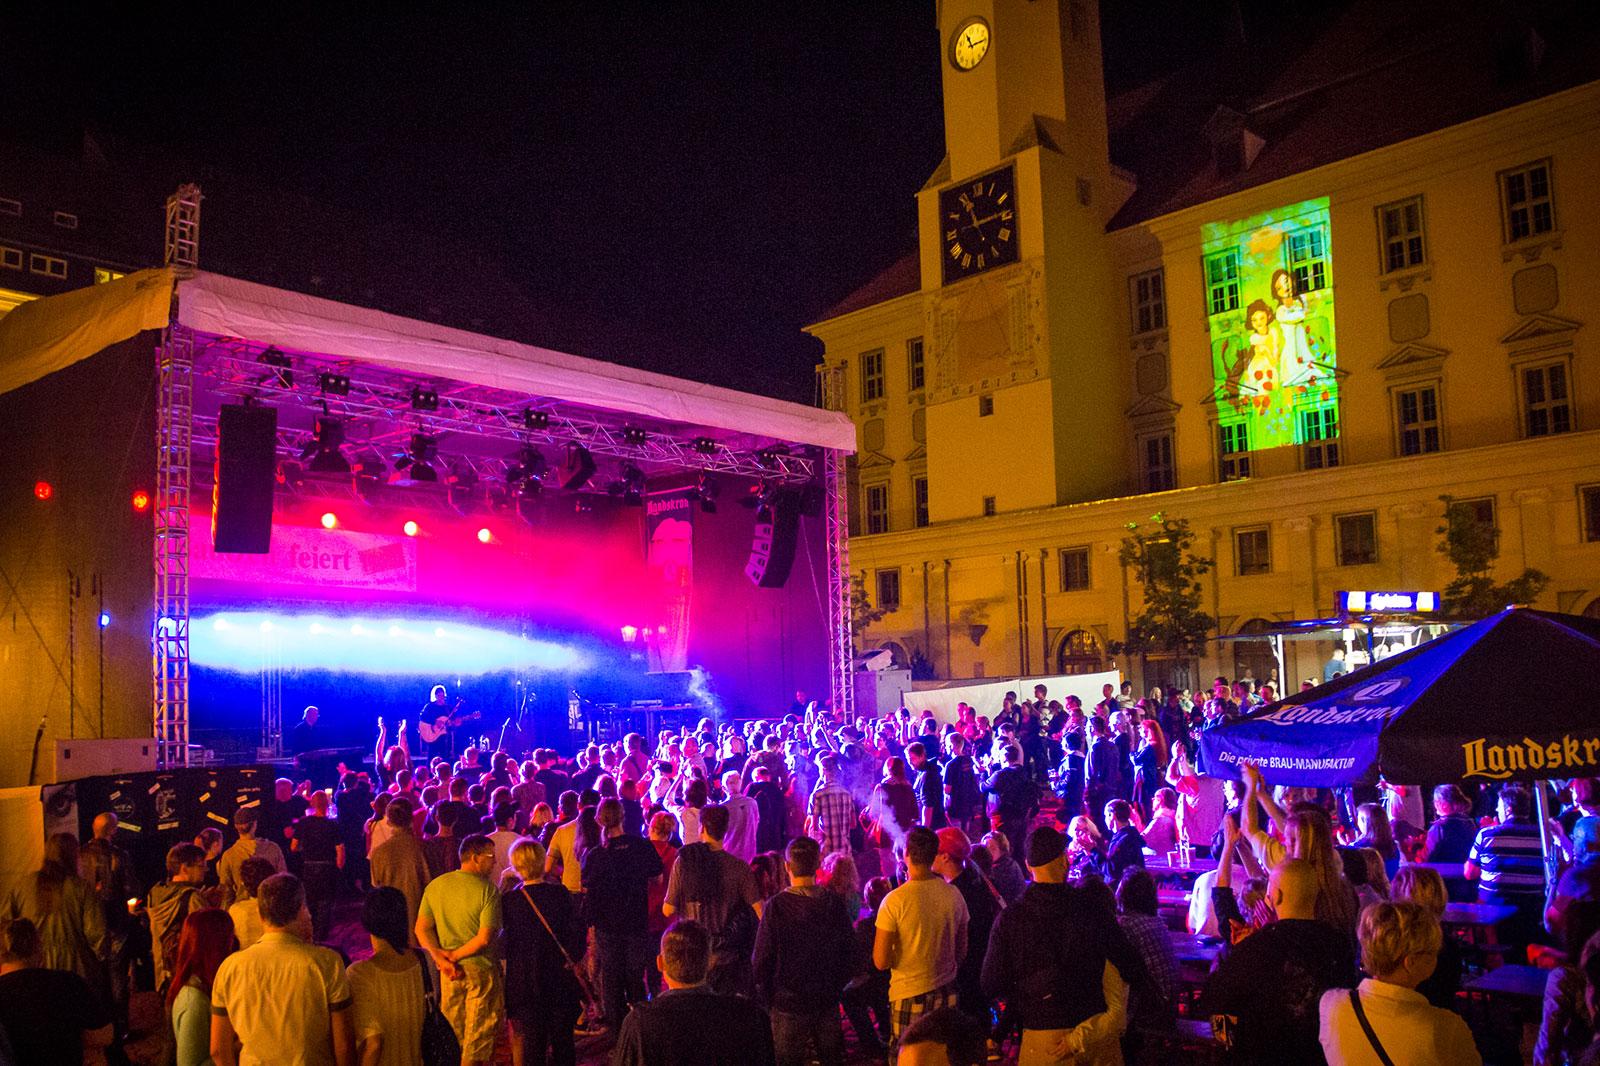 Bautzener Frühlingsimpression - Musikkonzert auf dem gut besuchten nächtlichen Hauptmarkt, im Hintergrund das Rathaus, angestrahlt mit dem Plakatmotiv des Bautzener Frühlings